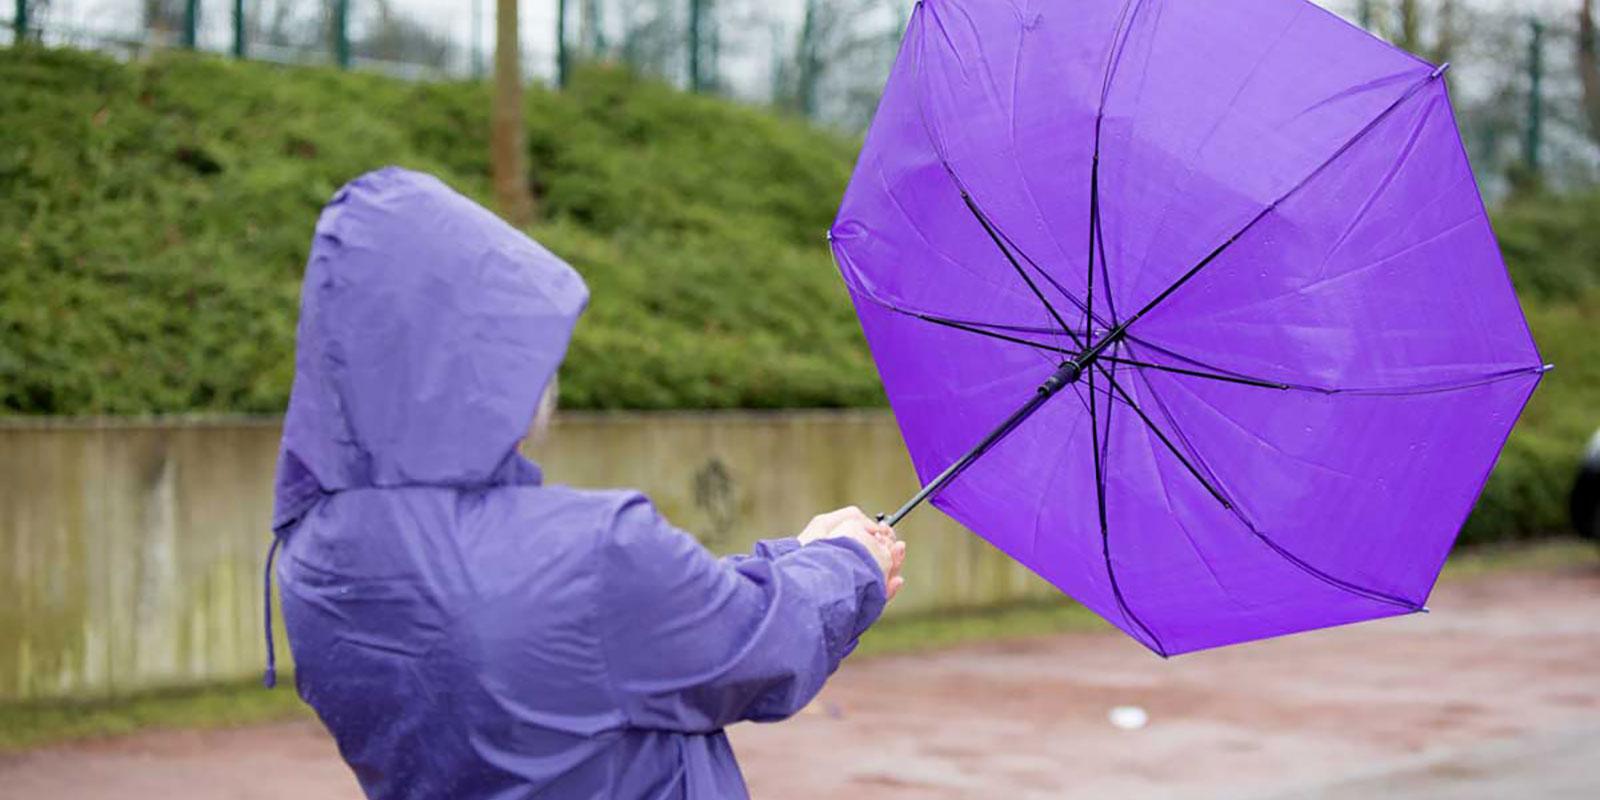 Tornádo nelze předpovědět. Pojištění proti silnému větru není radno podceňovat